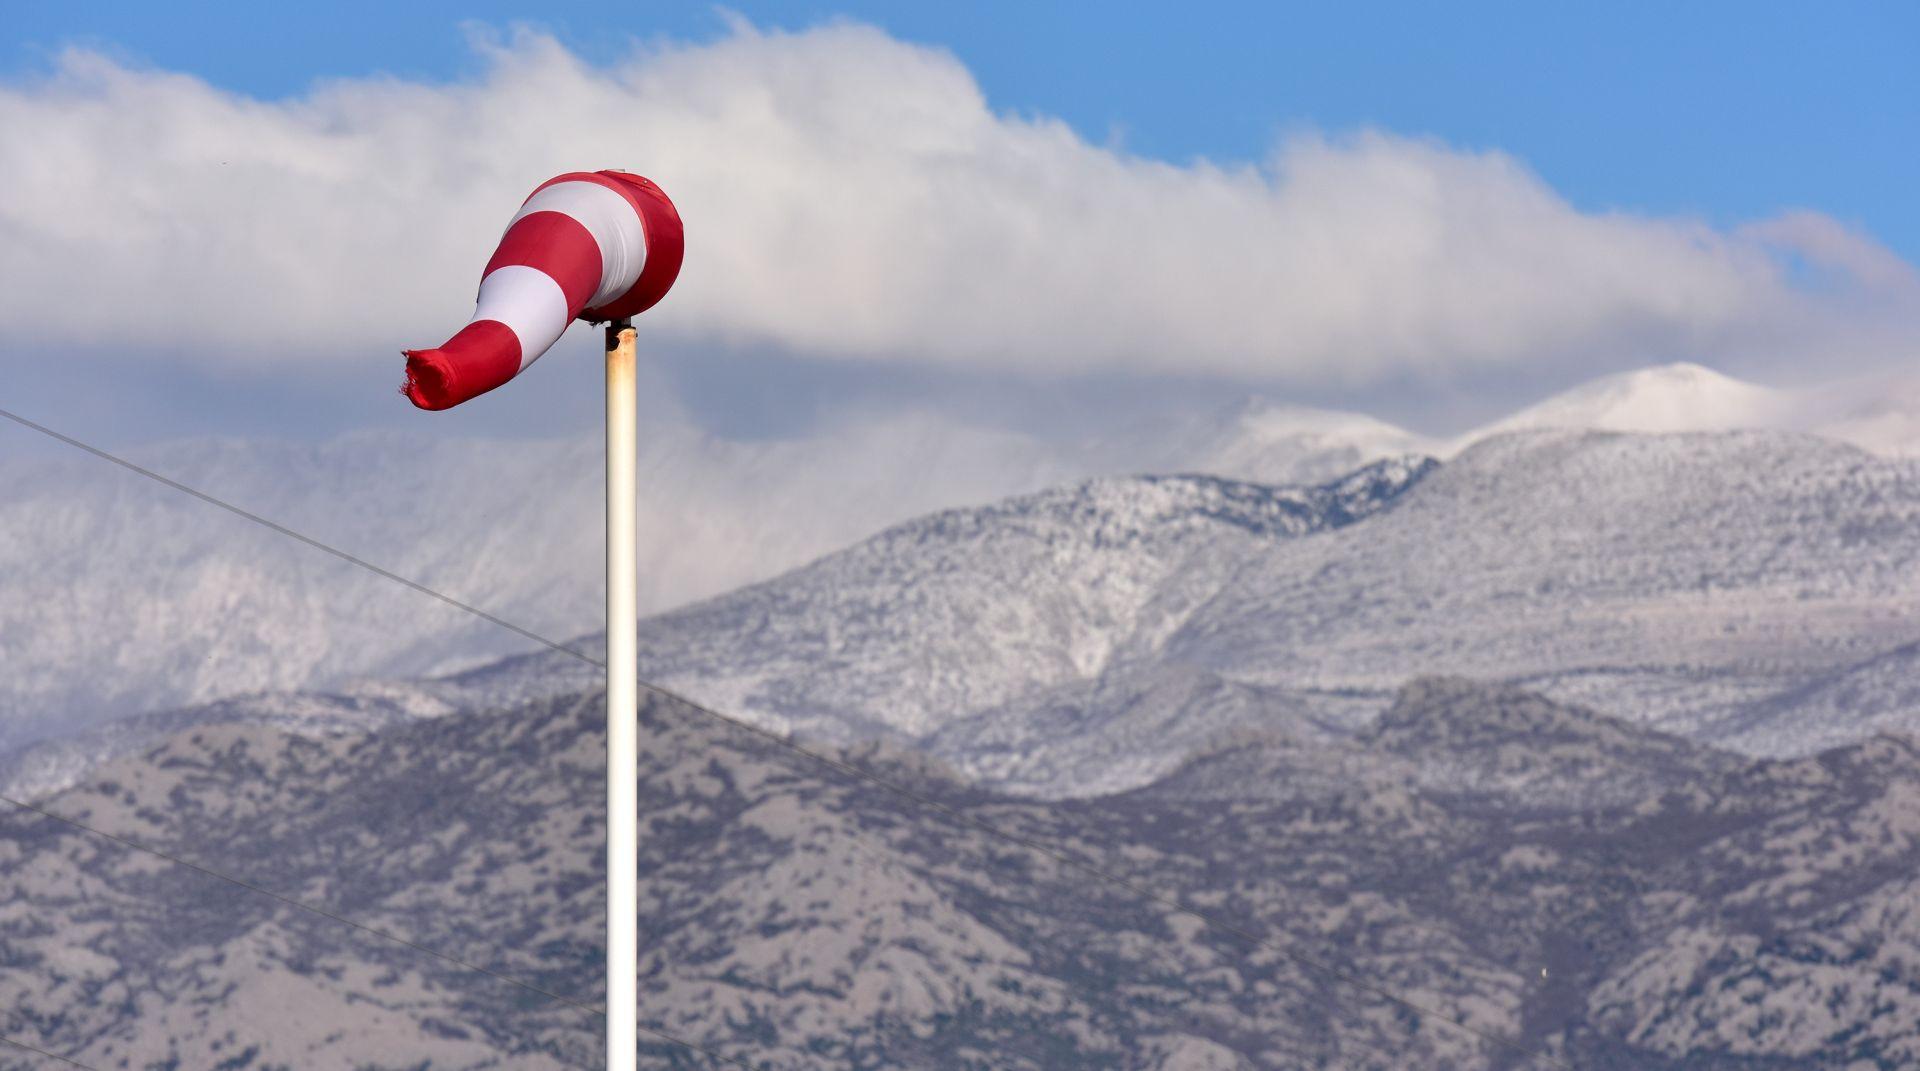 HAK Olujni vjetar otežava promet, u Lici zimski uvjeti